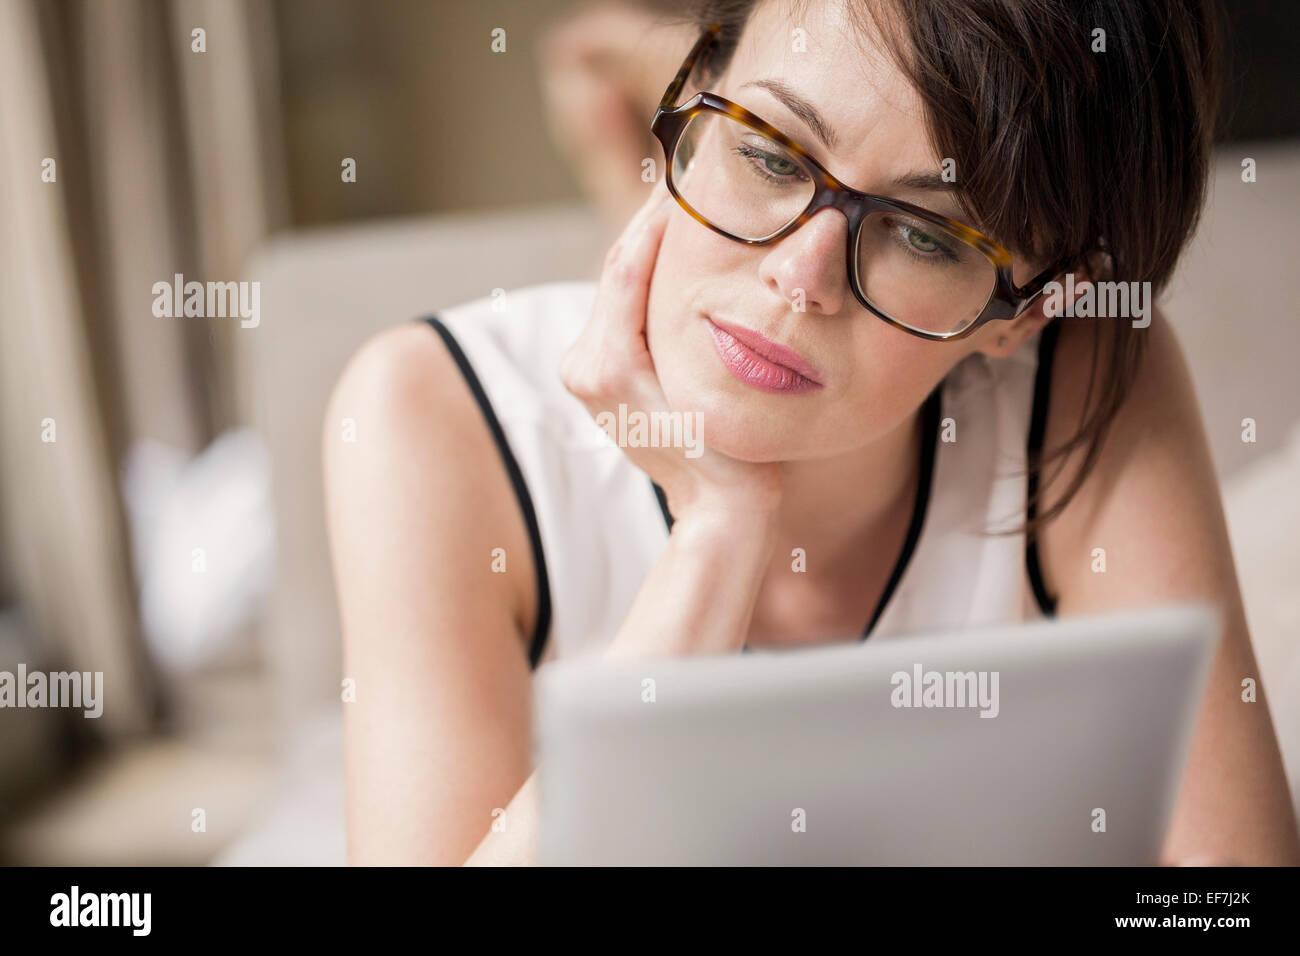 Donna sdraiata sul letto e guardando una tavoletta digitale Immagini Stock